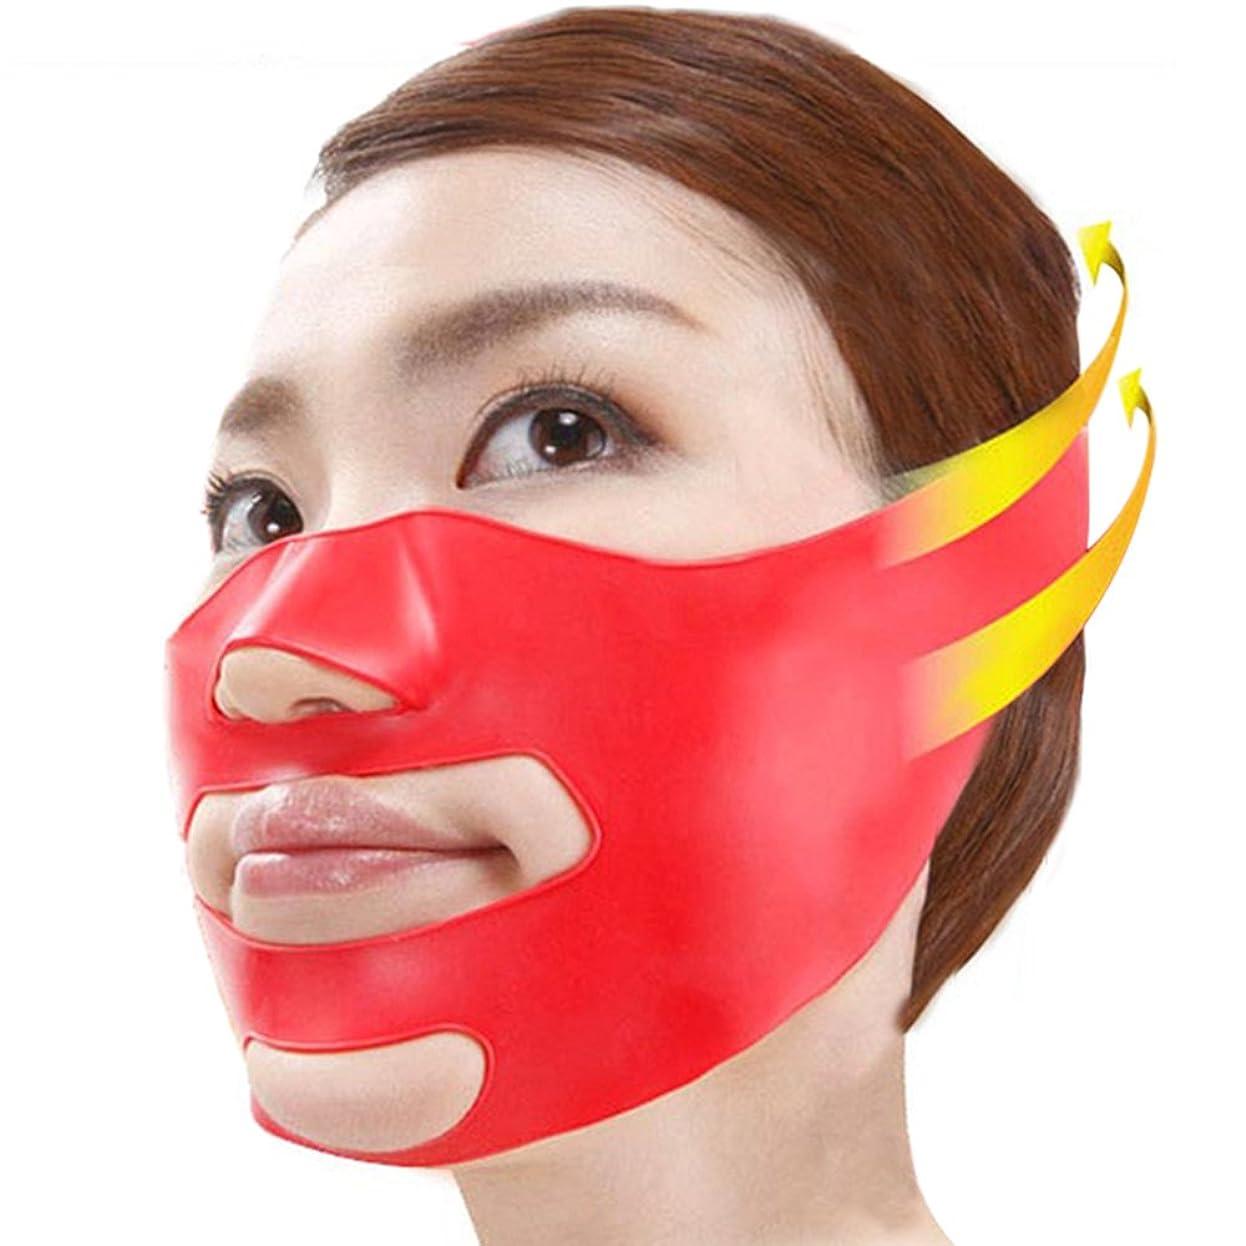 取り替えるアクチュエータバナー3D 小顔 マッサージグッズ フェイスマスク 美容 顔痩せ ほうれい線 消す グッズ 美顔 矯正 (フリーサイズ, レッド)